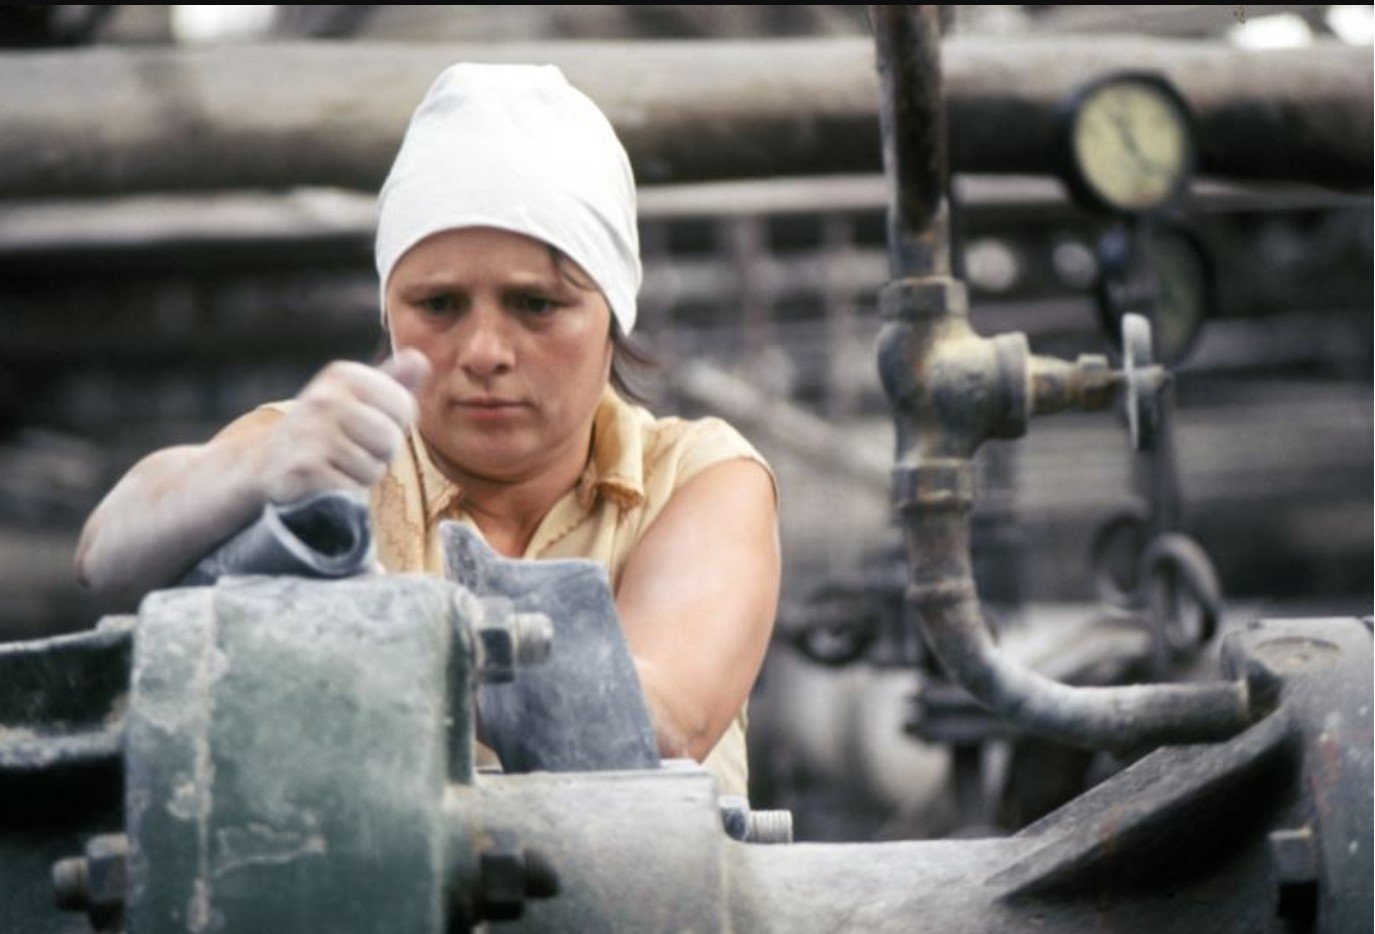 Женский труд на местном предприятии